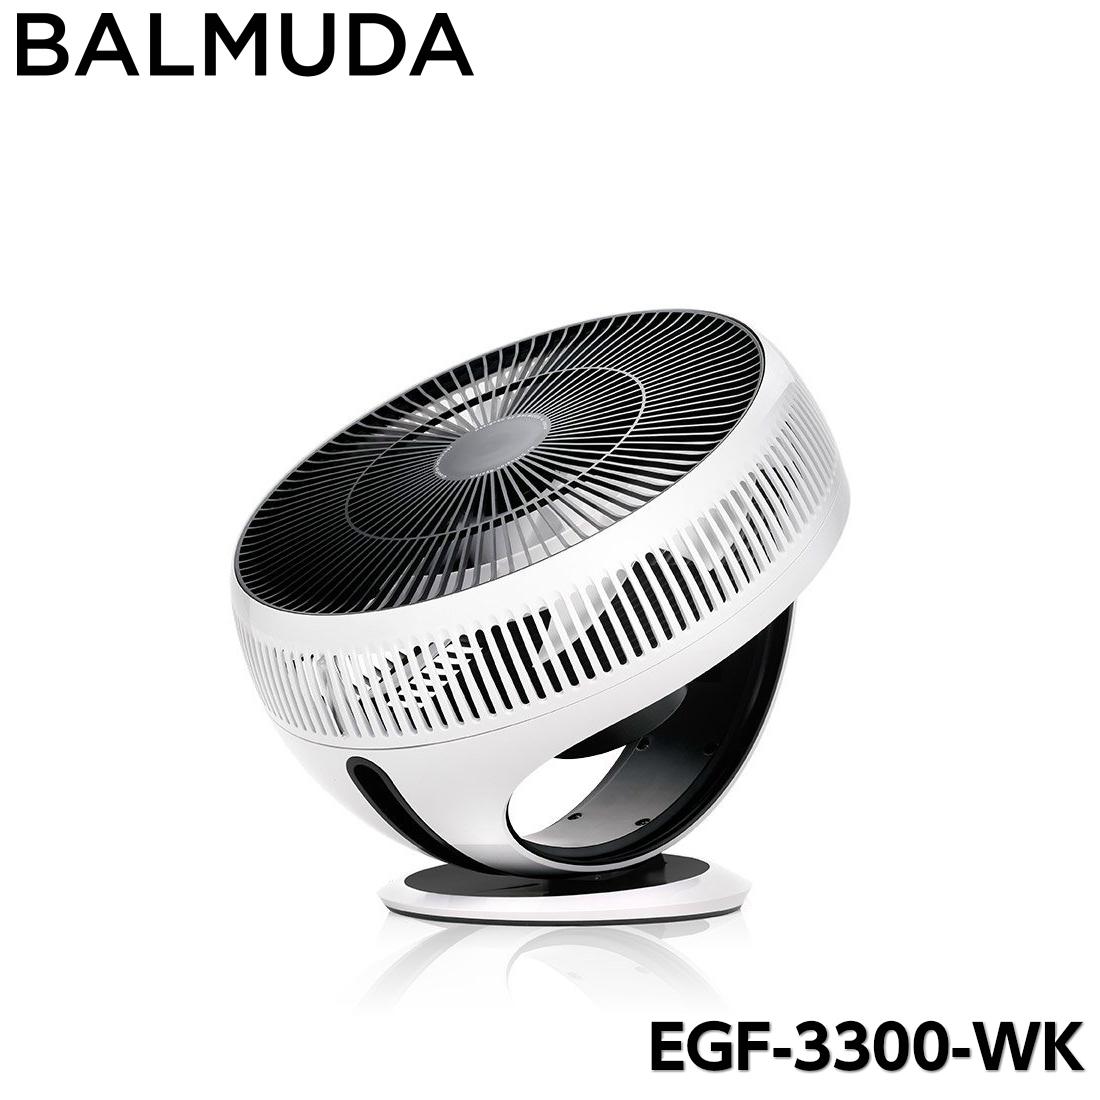 バルミューダ サーキュレーター グリーンファンサーキュ EGF-3300-WK BALMUDA GreenFan Cirq 扇風機 サキュレーター サーキュレター 静音 デザイン家電 DCモーター 部屋干し 室内干し